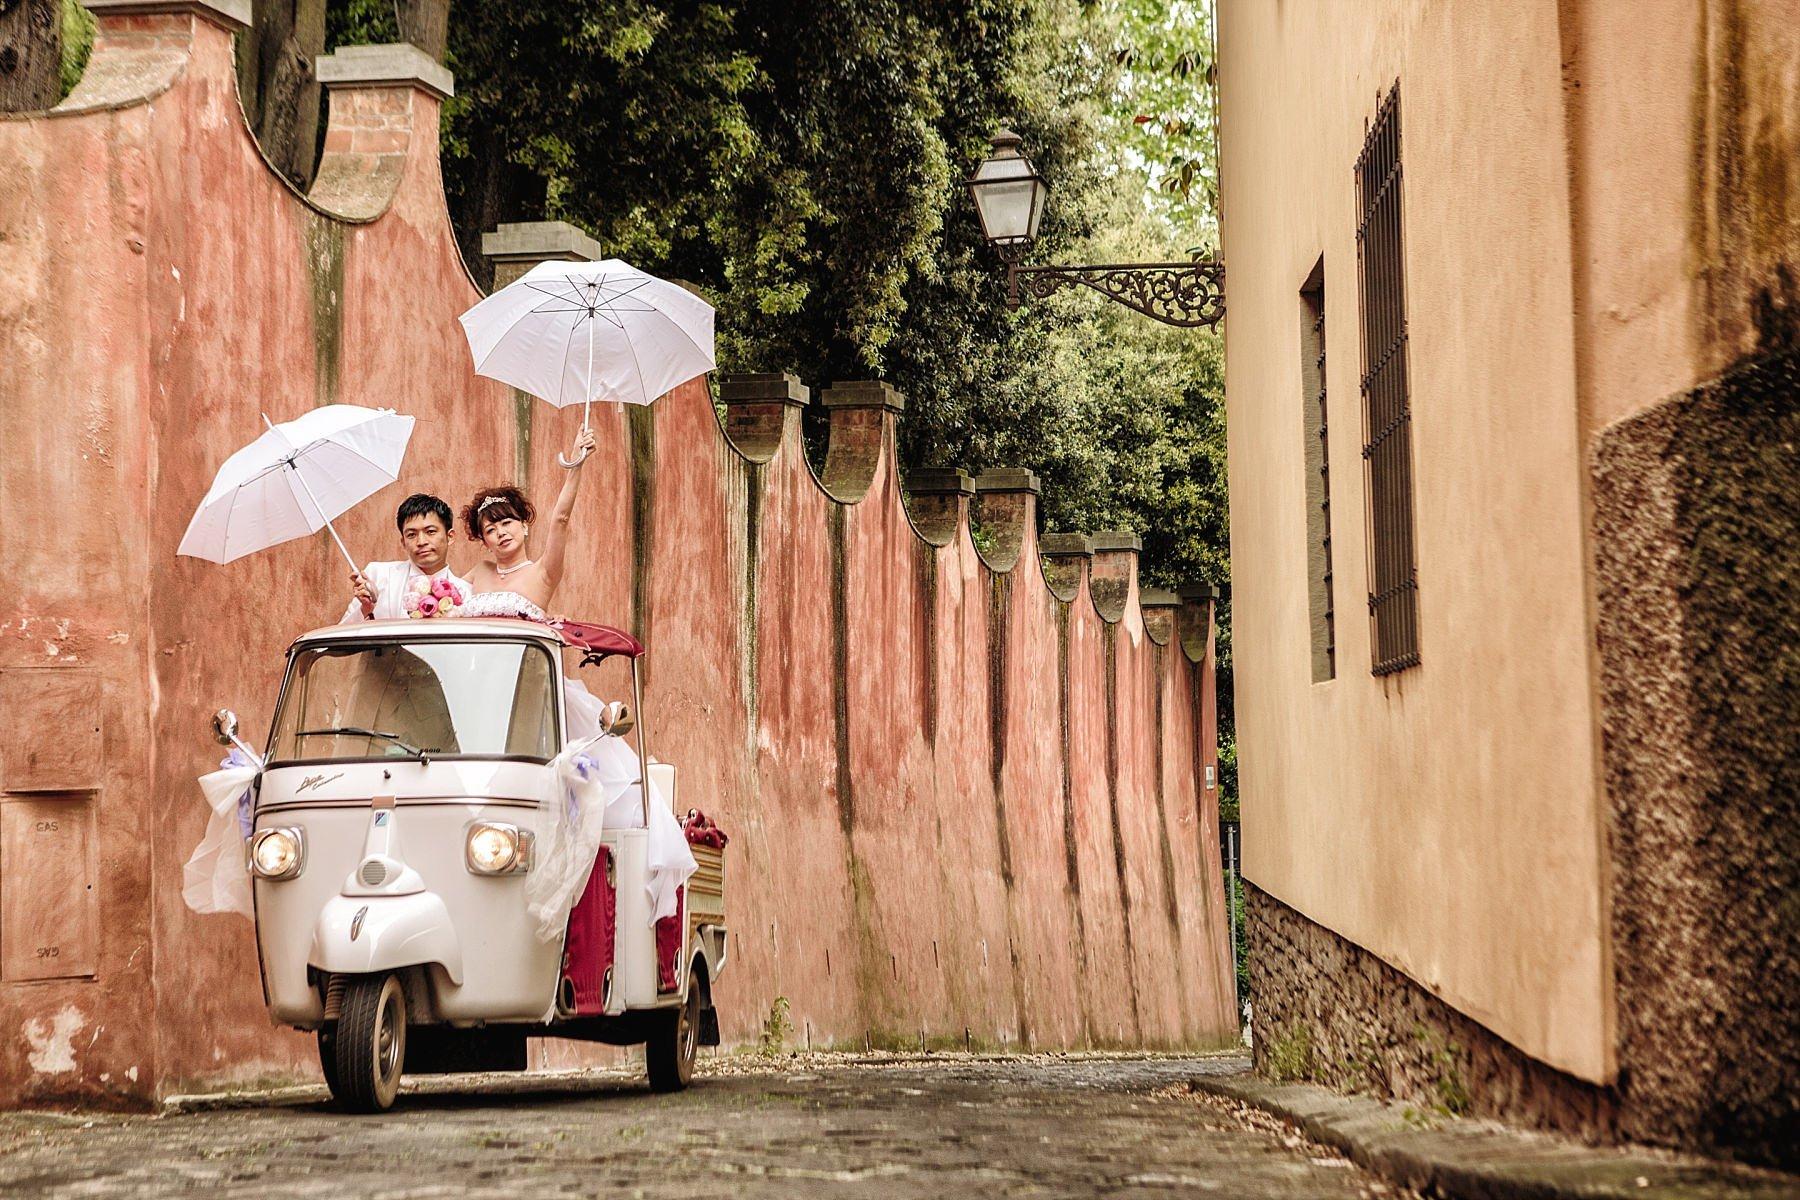 Fotografia di Matrimonio a Firenze con Ape Calessino e ombrelli